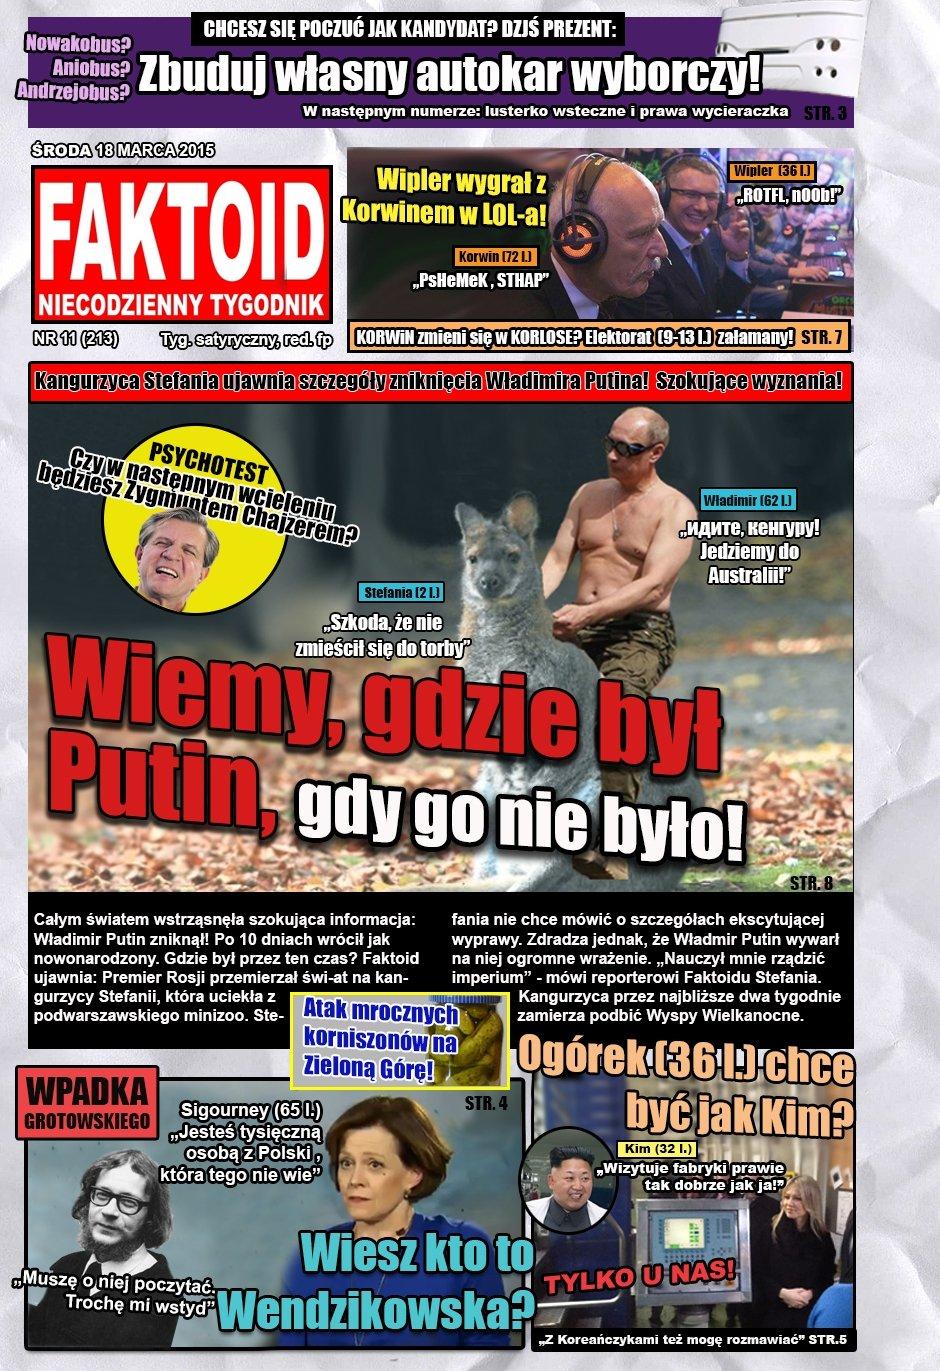 Faktoid, 18 marca 2015, nr 11 (213) - Faktoid